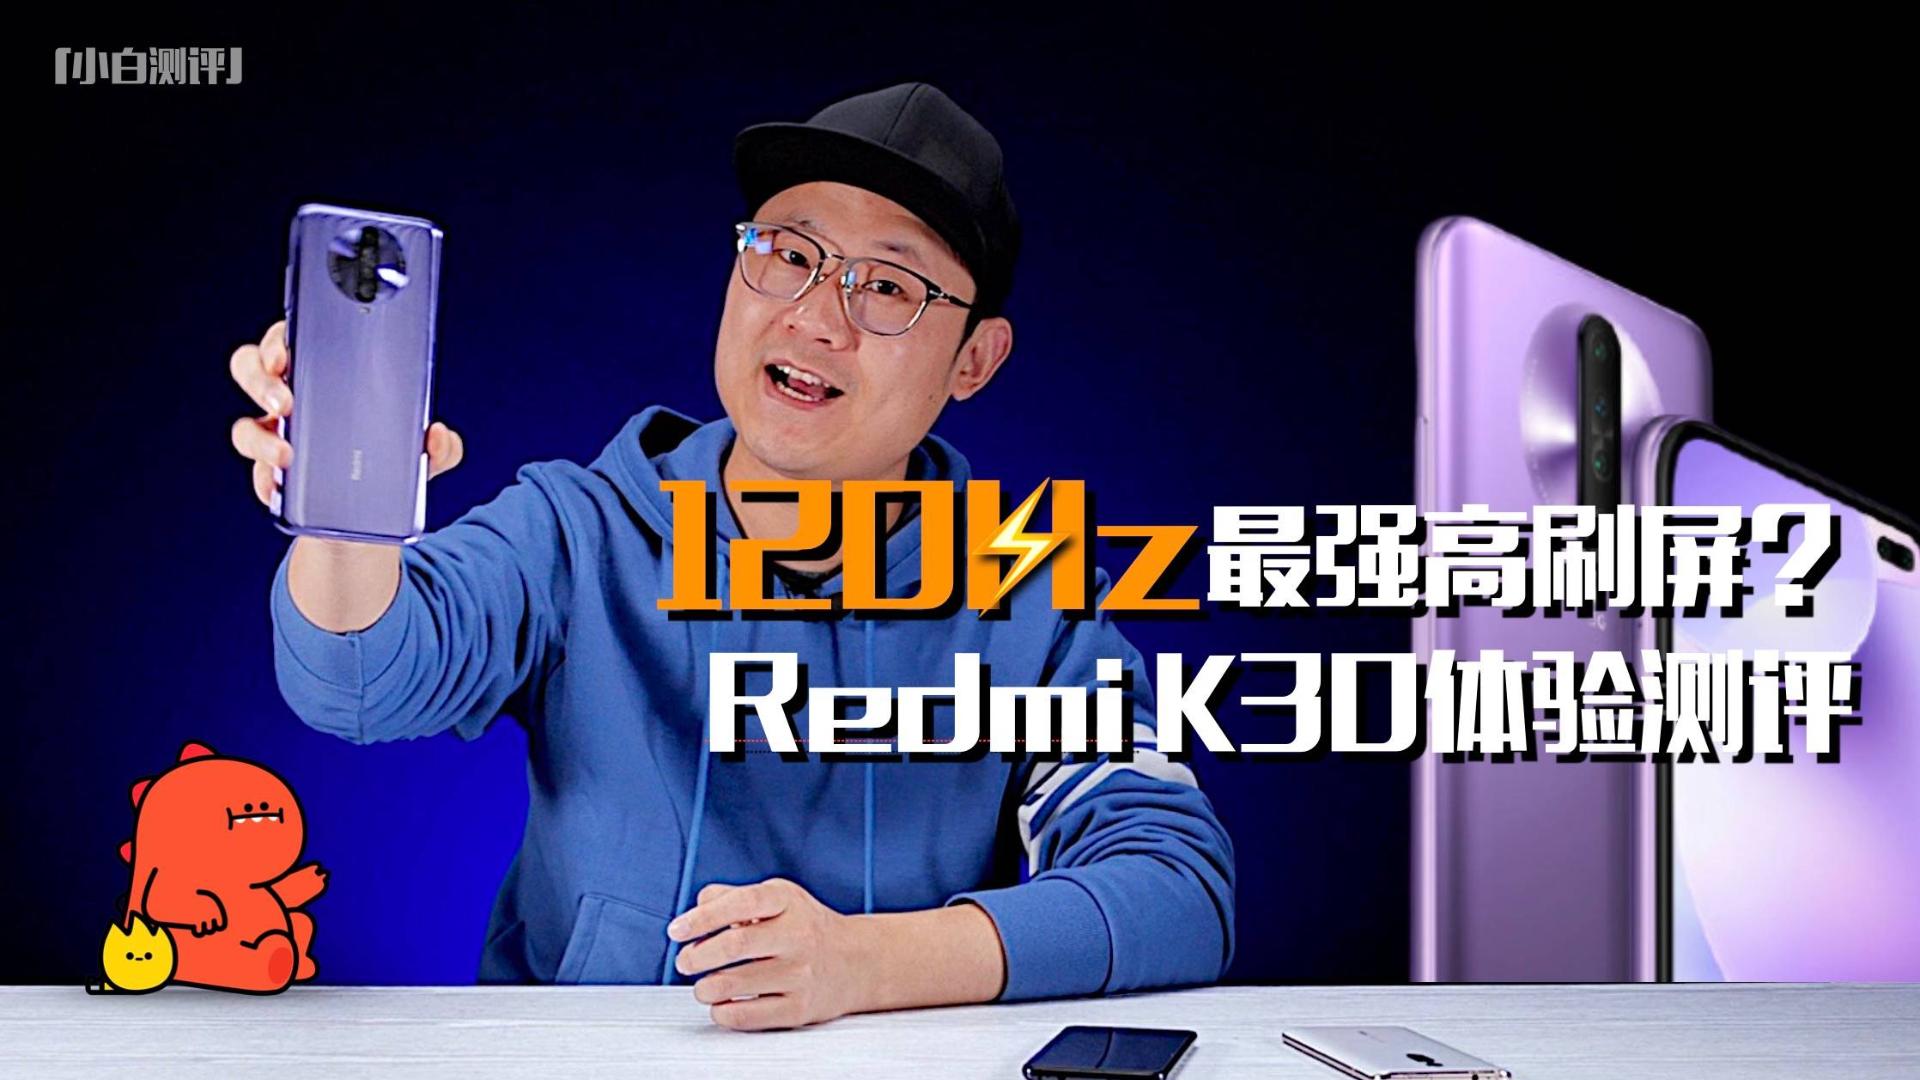 「小白测评」Redmi K30体验测评 120Hz高刷屏有多爽?